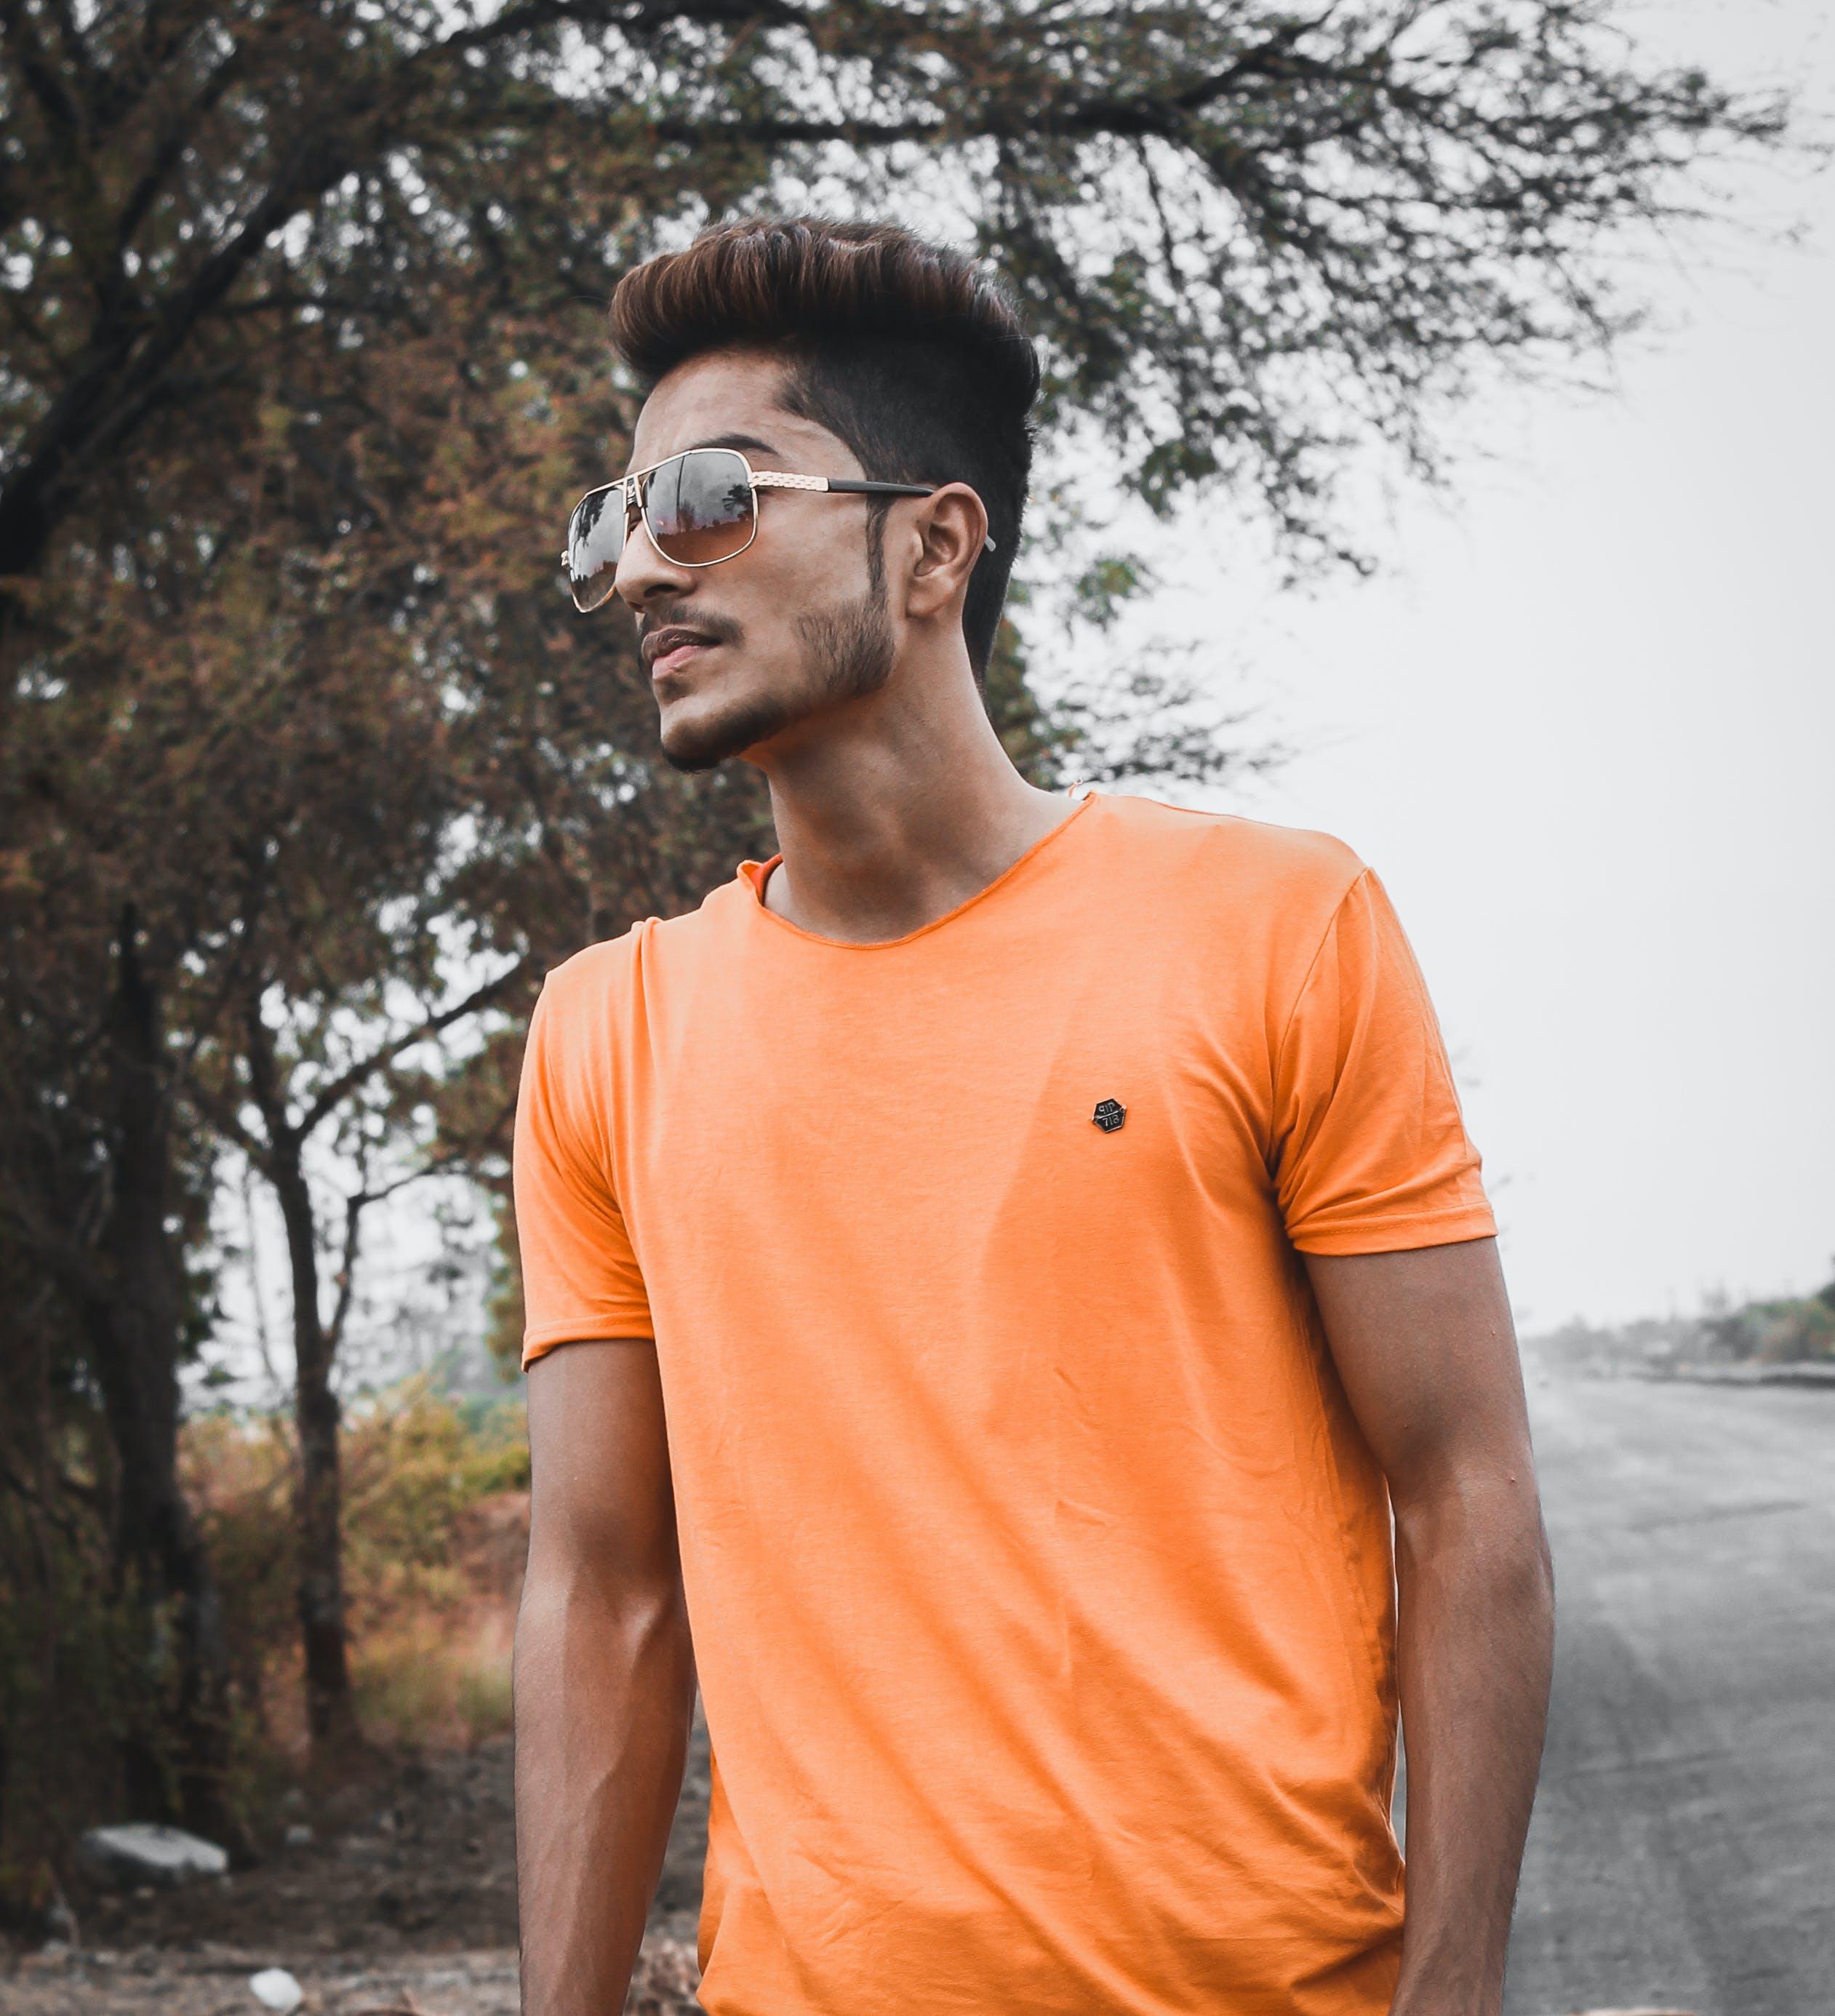 Man Standing While Wearing Orange Crew-neck Shirt Near Tree